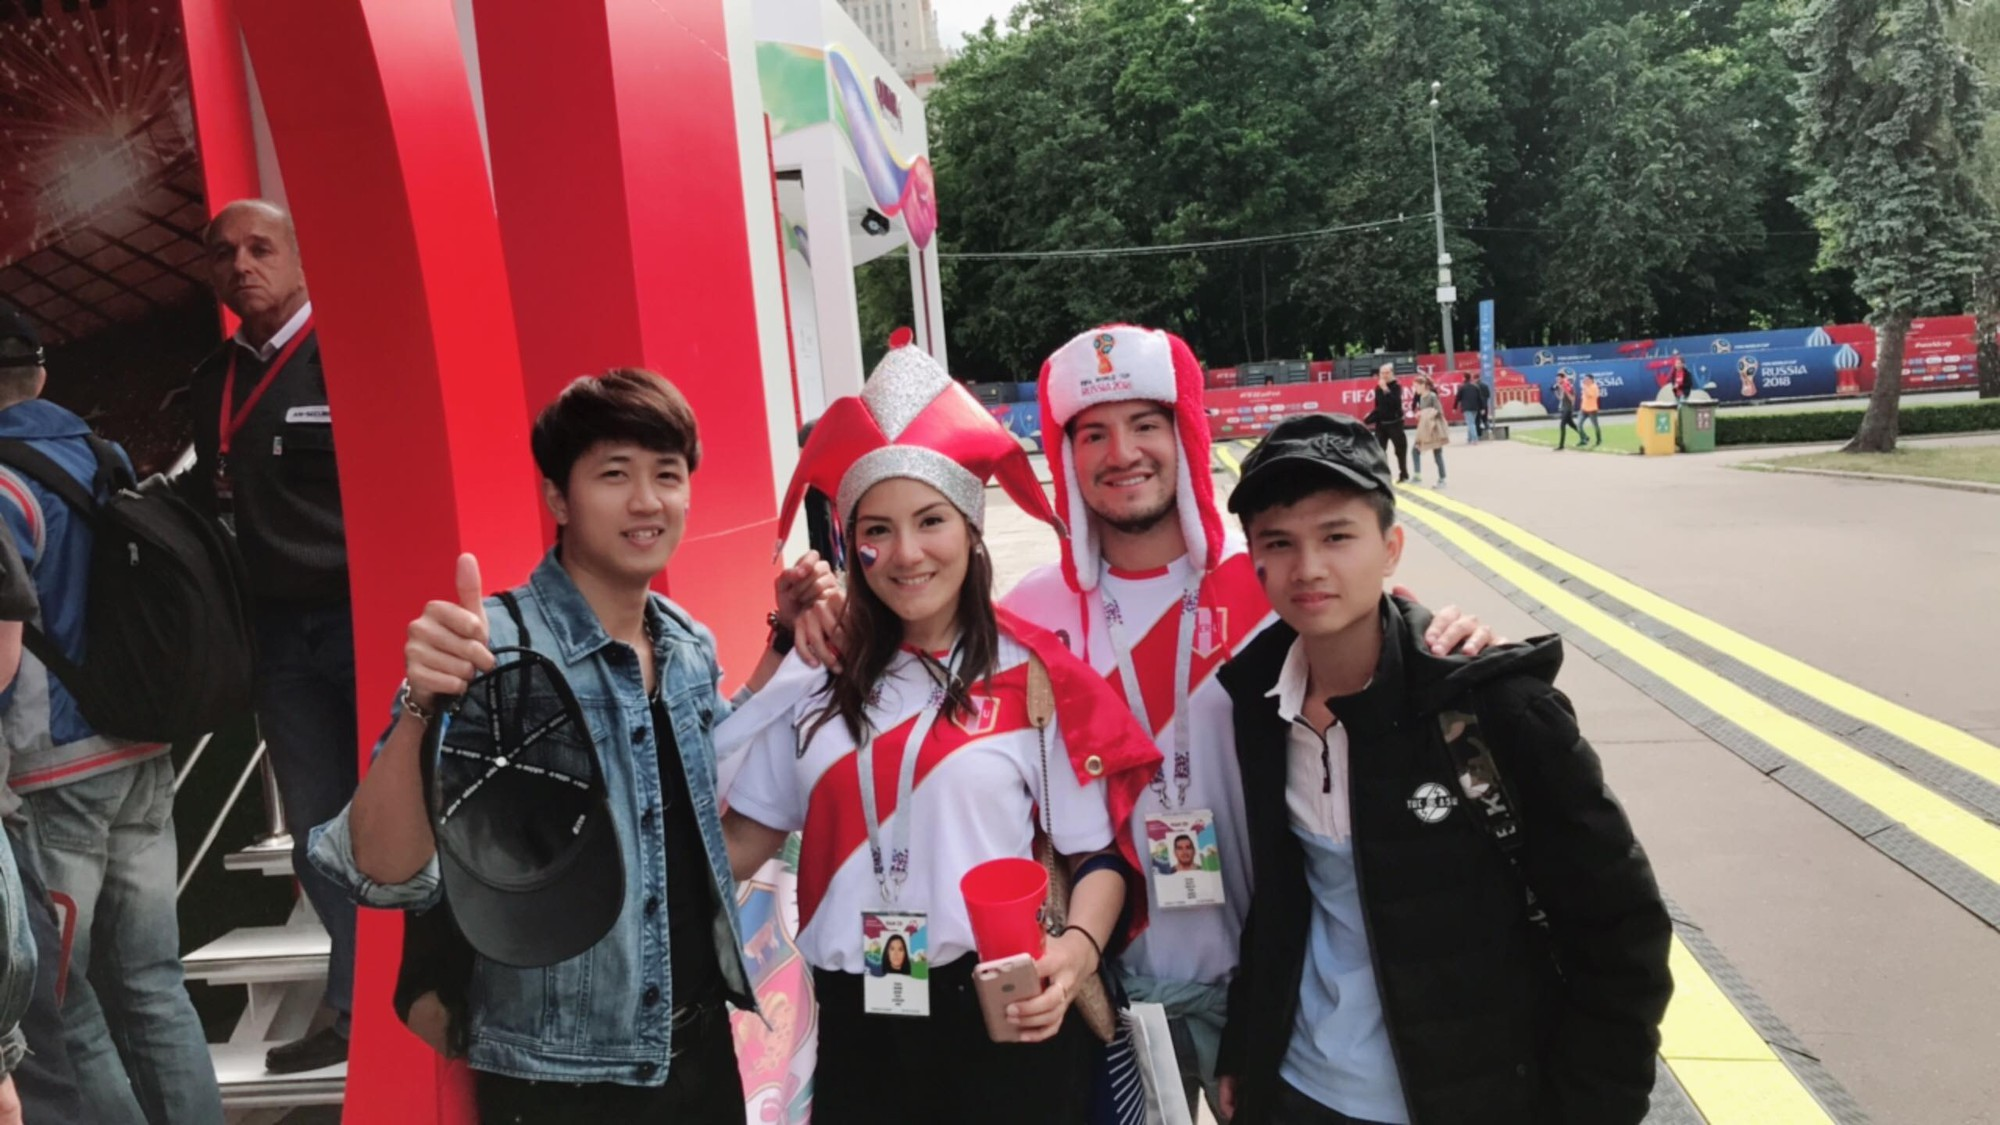 Du học sinh Việt tại Nga đang khiến bạn bè ở quê nhà ghen tỵ vì được đến tận nơi xem World Cup 2018 - ảnh 3